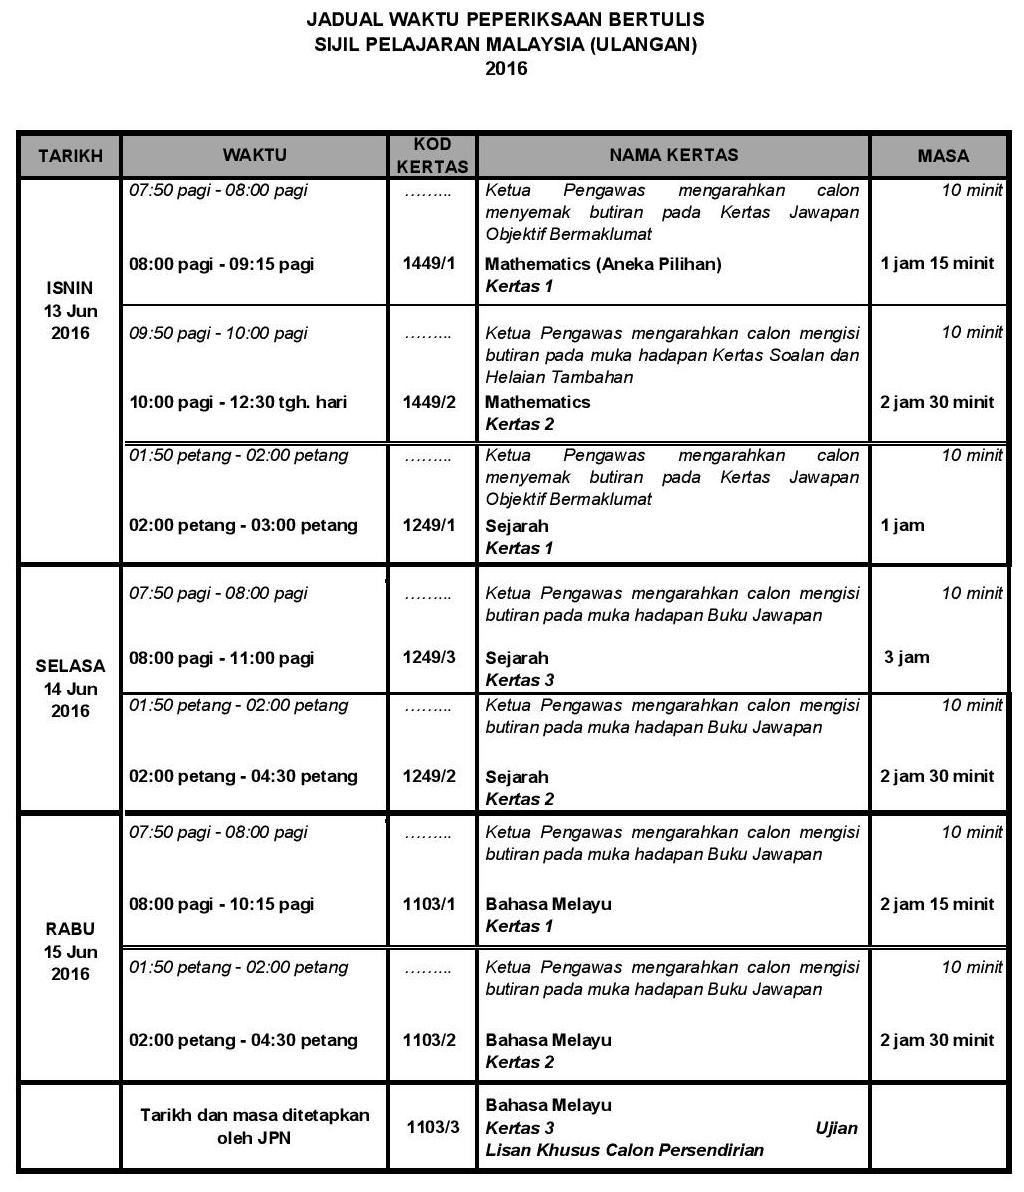 Jadual waktu Peperiksaan SPMU 2016